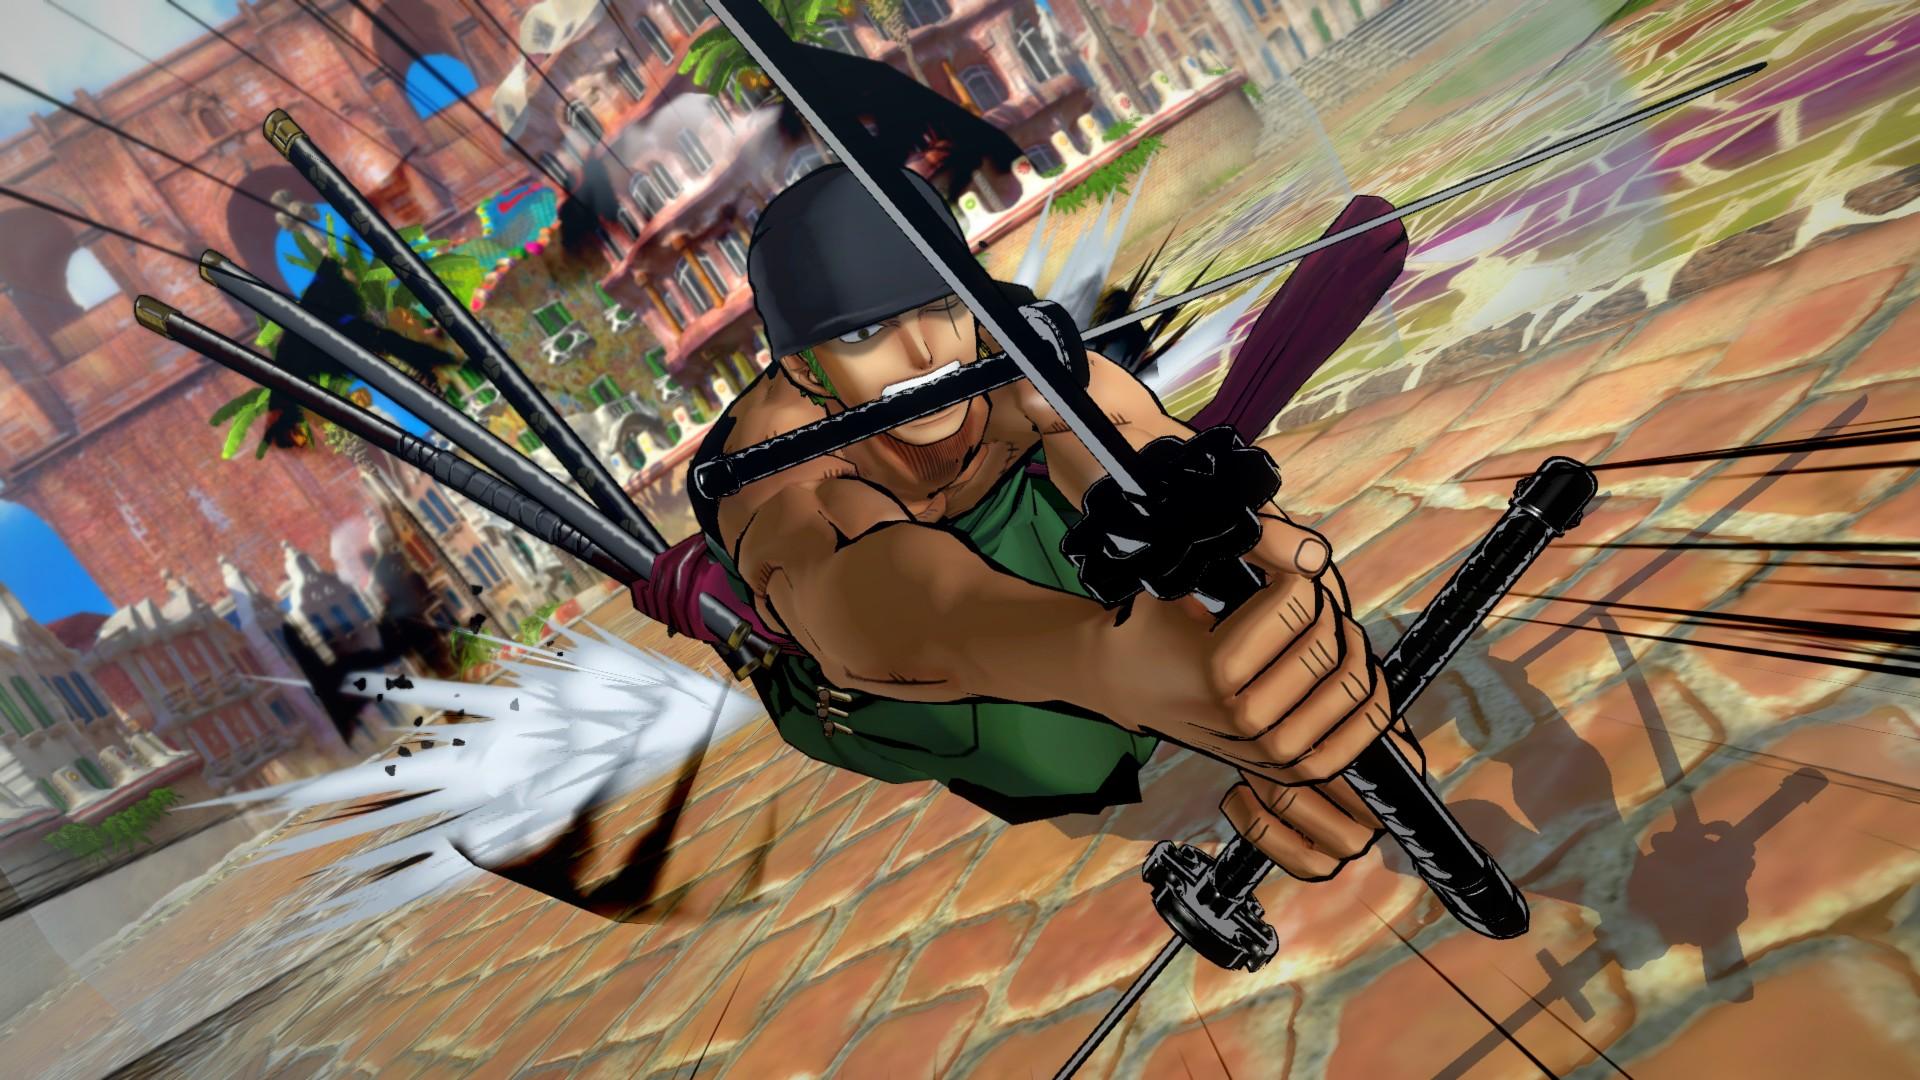 Bonusy za předobjednávku digitálních kopií One Piece: Burning Blood 122827